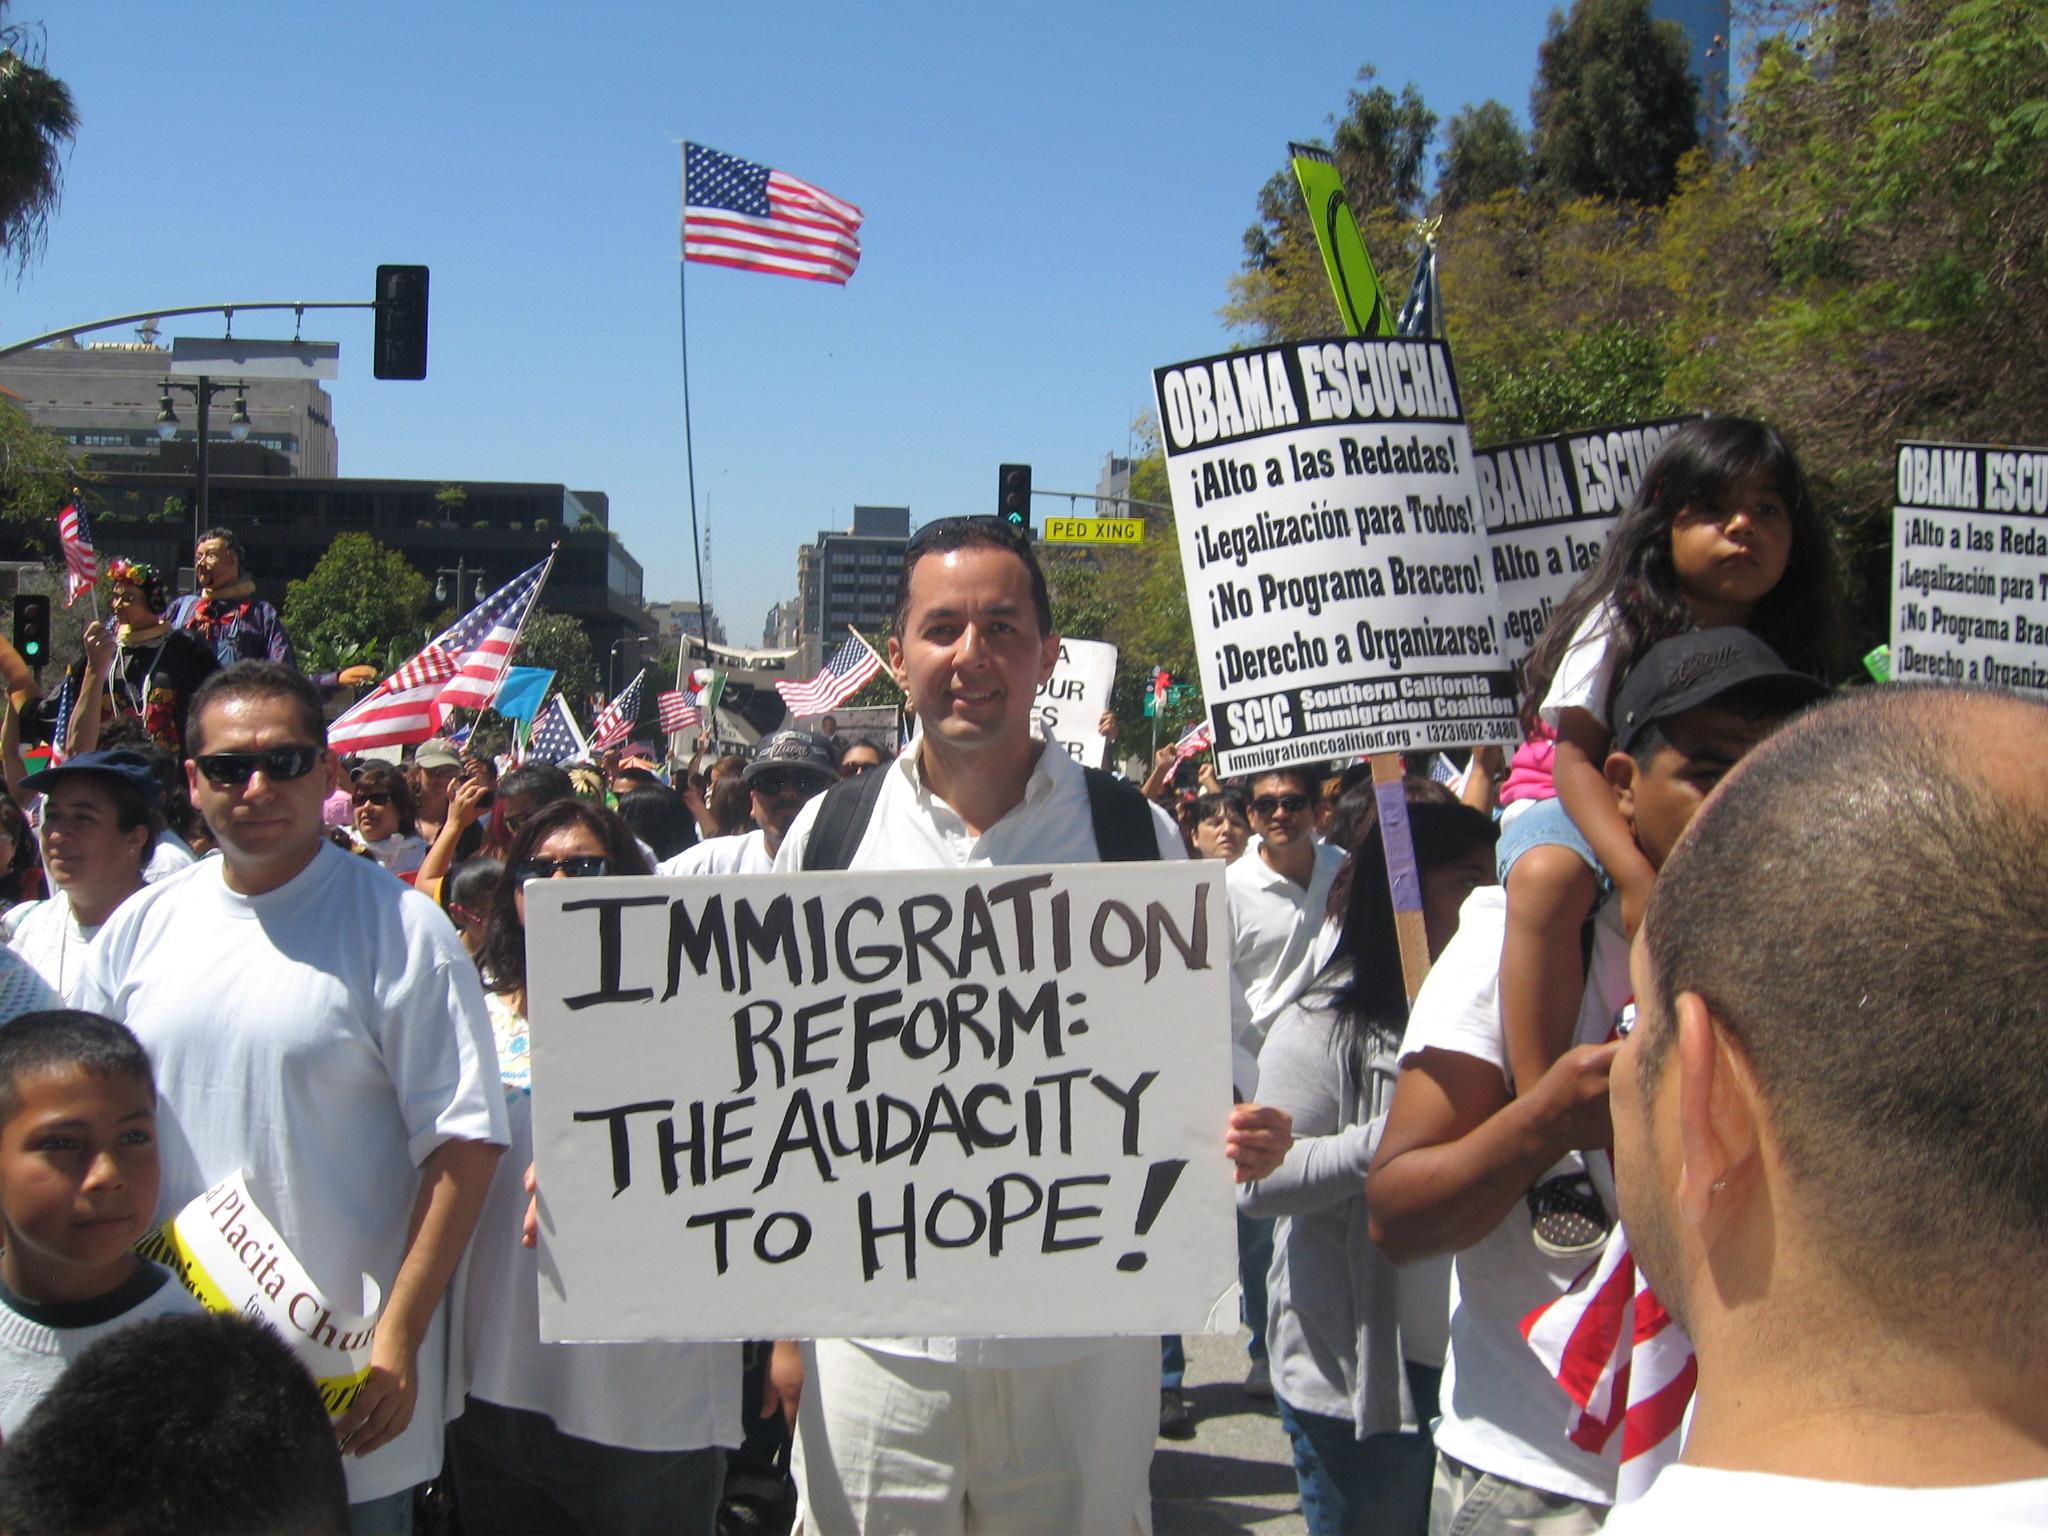 Cómo vive un indocumentado en Estados Unidos? | La Otra Cara